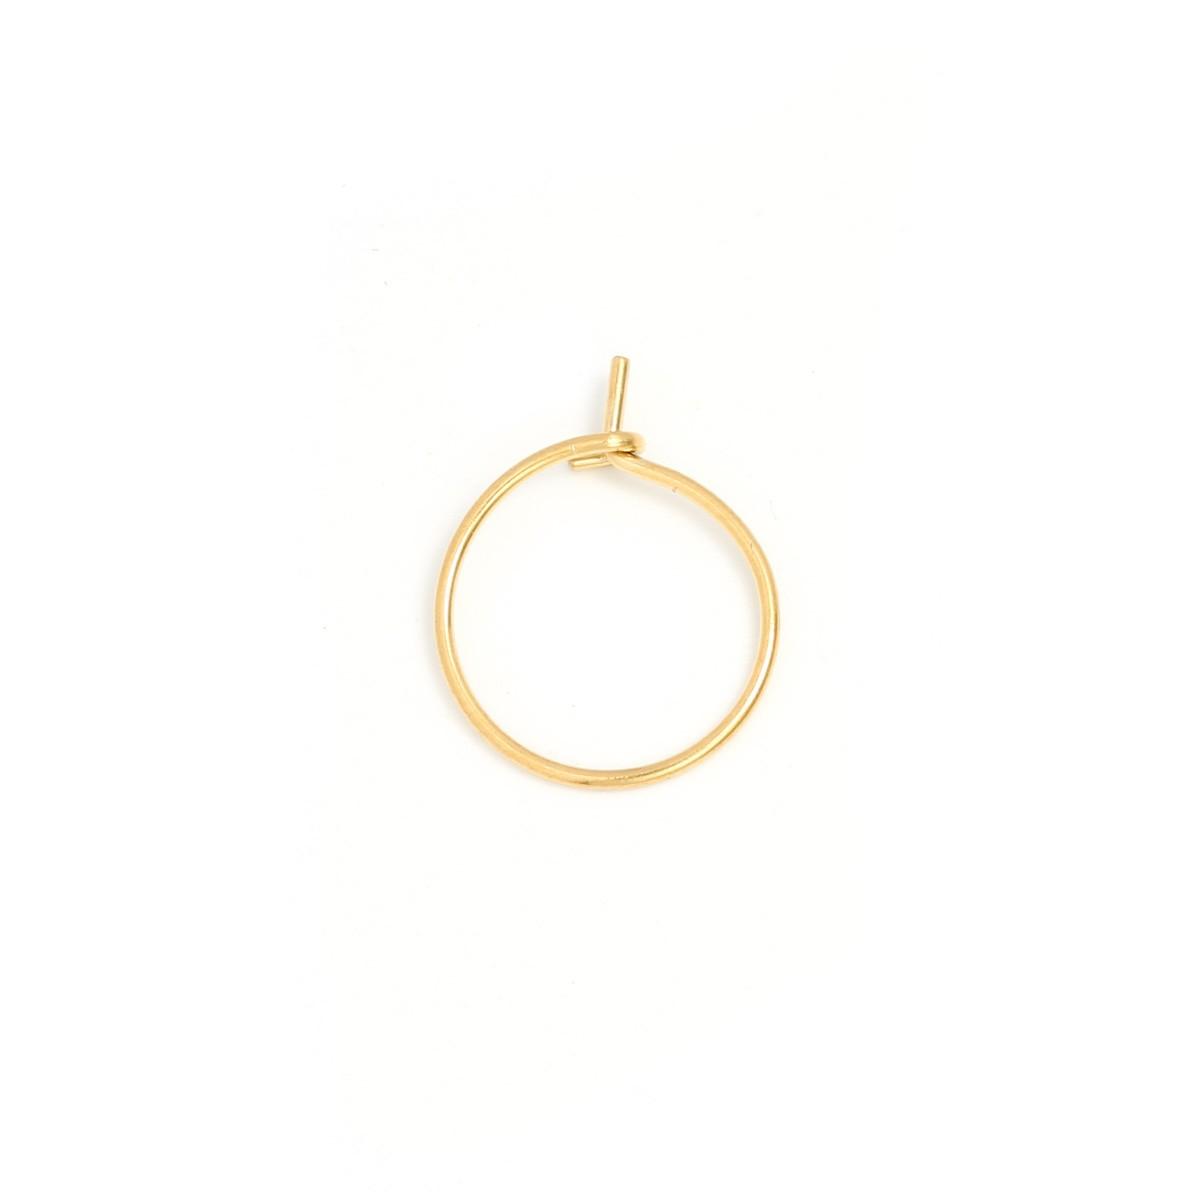 oorbellen-kleine-ring-stainless-steel-25mm-per-paar